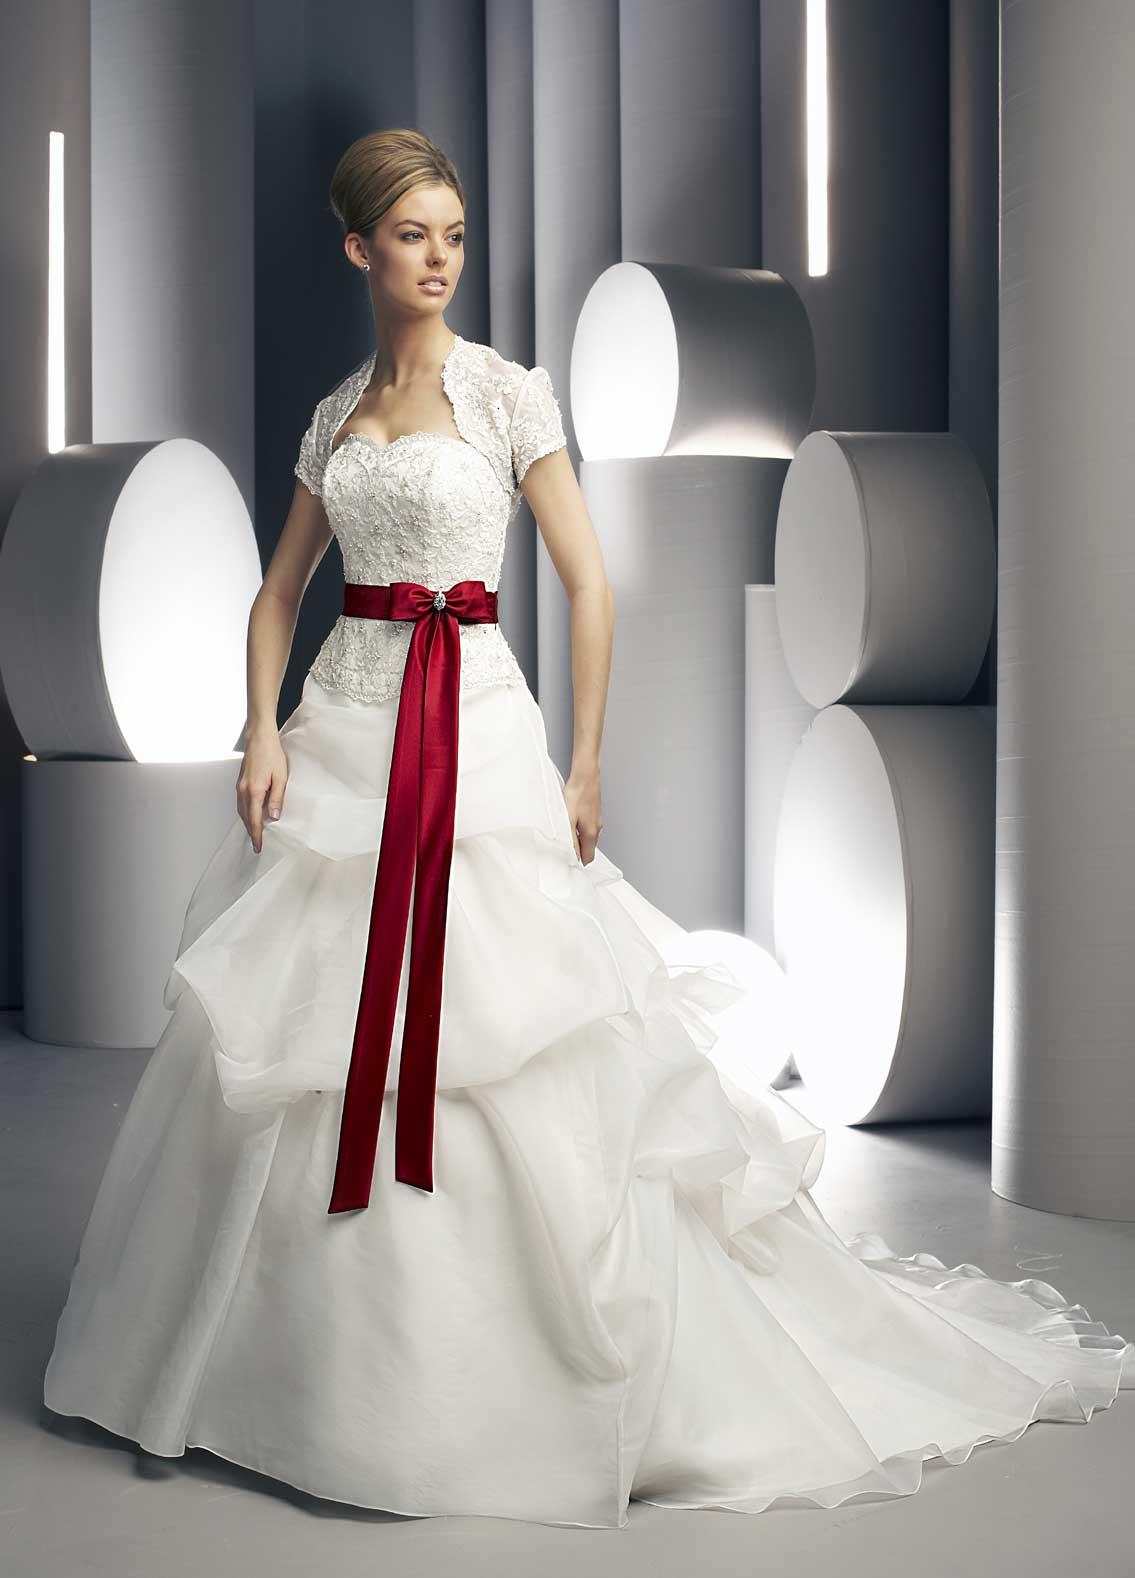 inexpensive wedding dresses online inexpensive wedding dresses Inexpensive Wedding Dresses Online 90